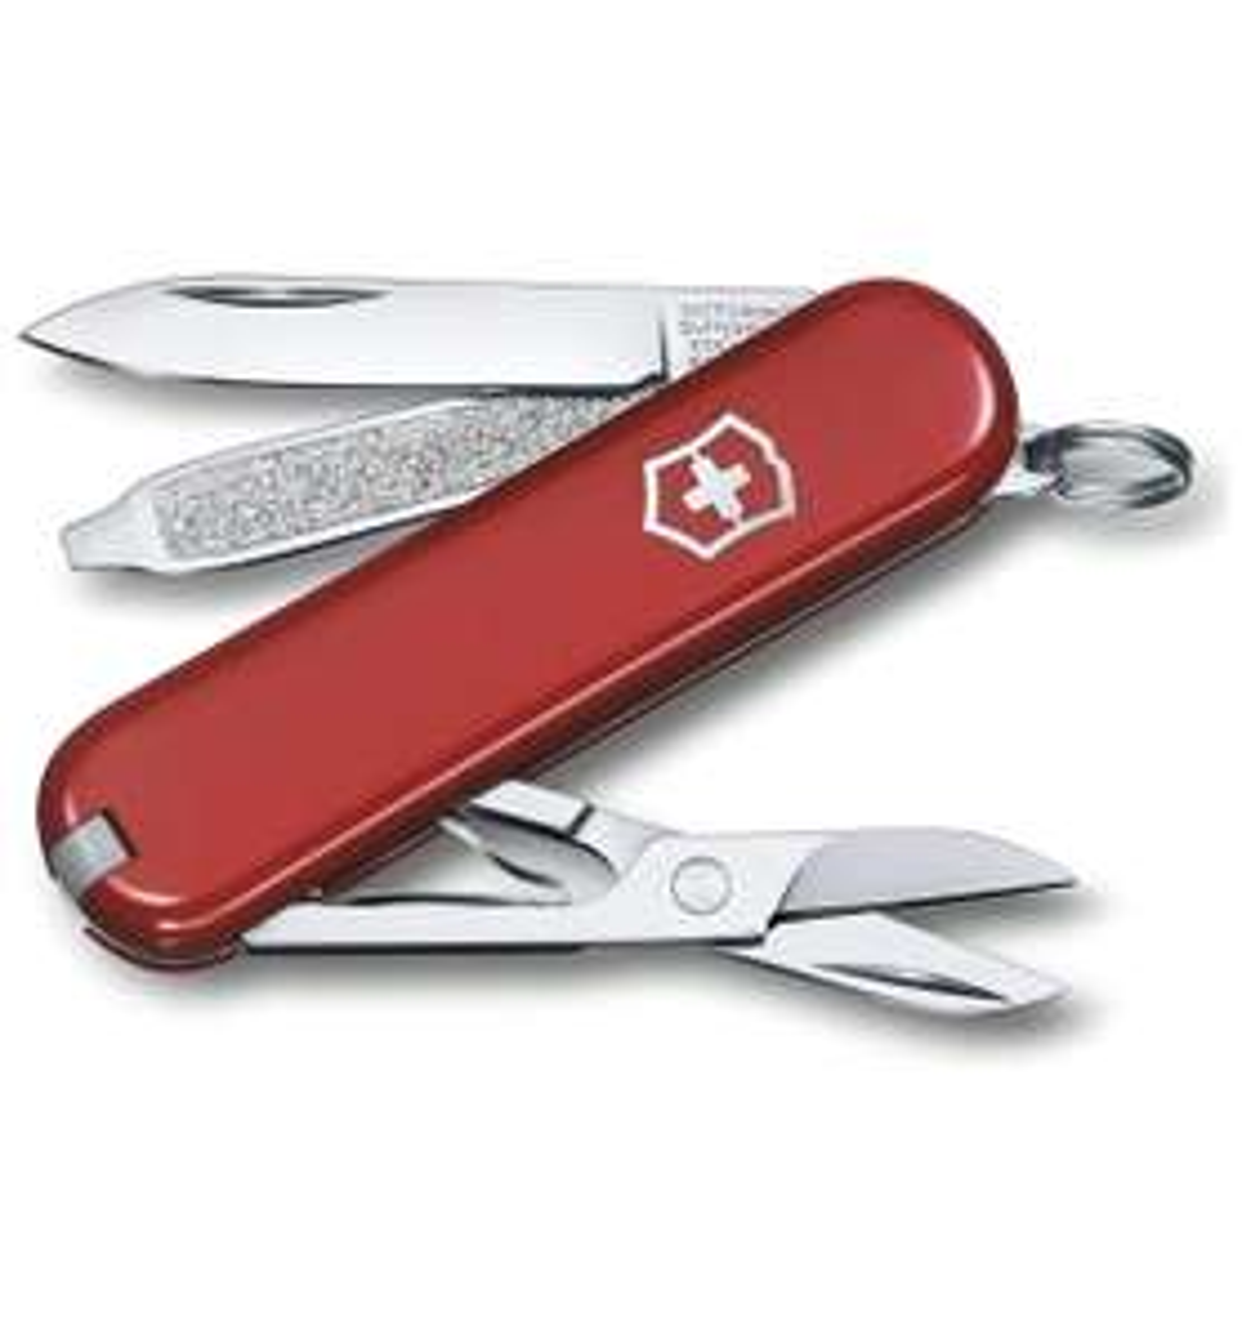 Victorinox Classic SD Pocket Knife,Red ,58 mm - £11.96 Prime / £16.45 Non Prime @ Amazon